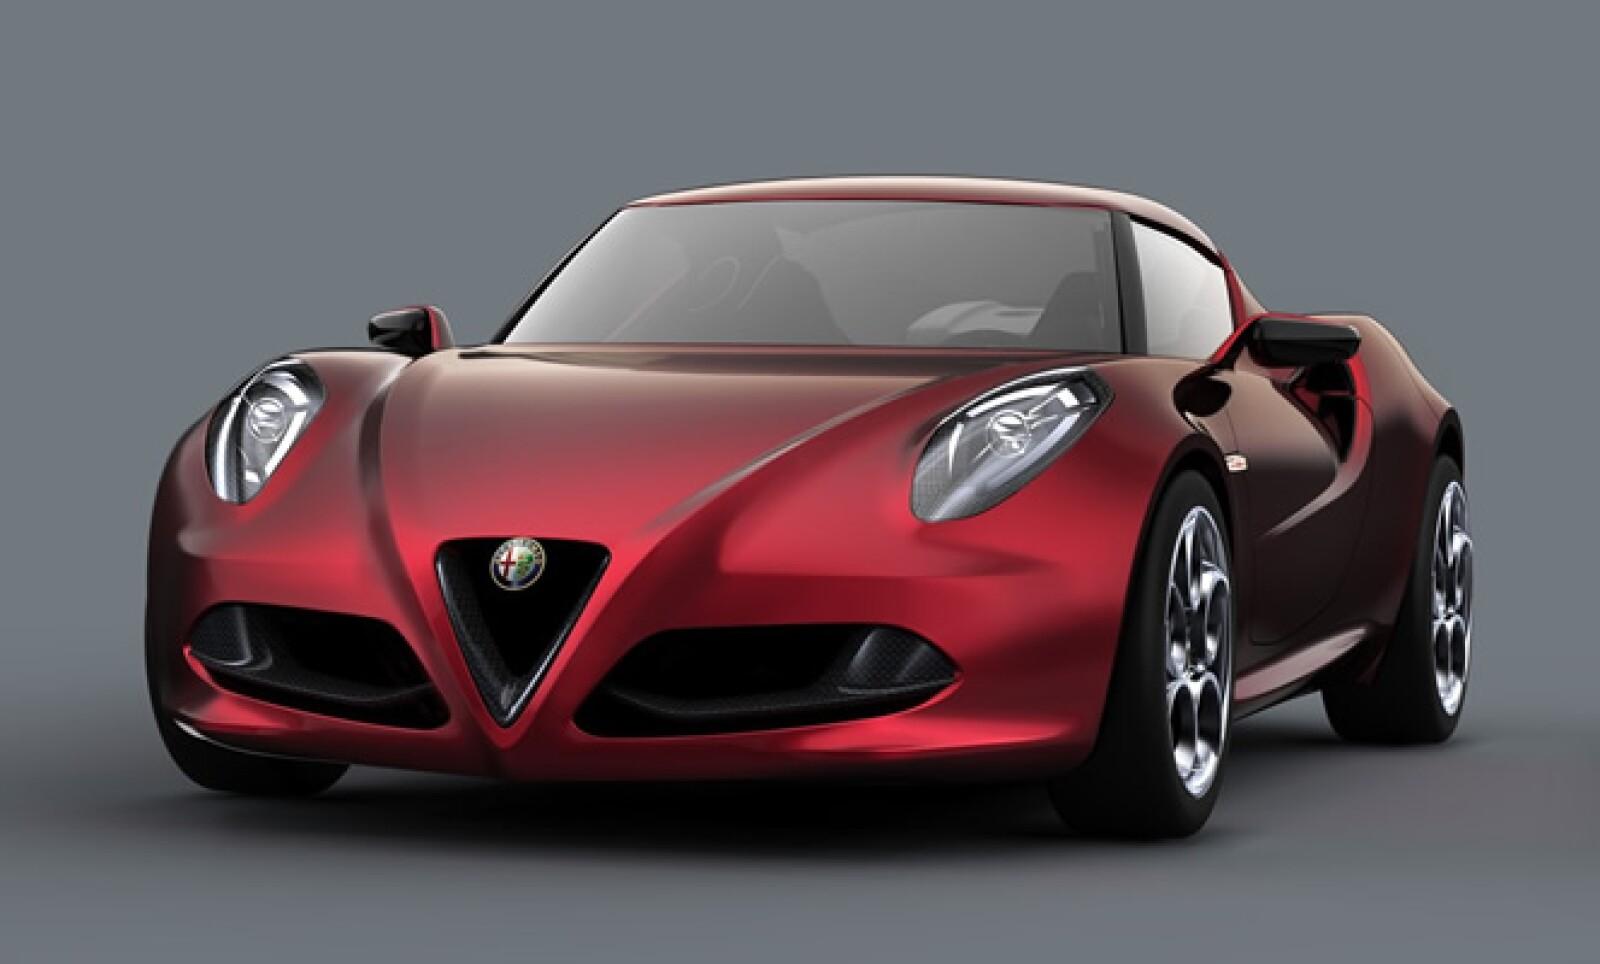 Las firmas automotrices presentaron sus nuevos modelos en el Auto Show de Frankfurt 2011. La italiana Alfa Romeo expuso su nuevo 4C Concept, con apenas un peso cercano a 850 kilogramos.